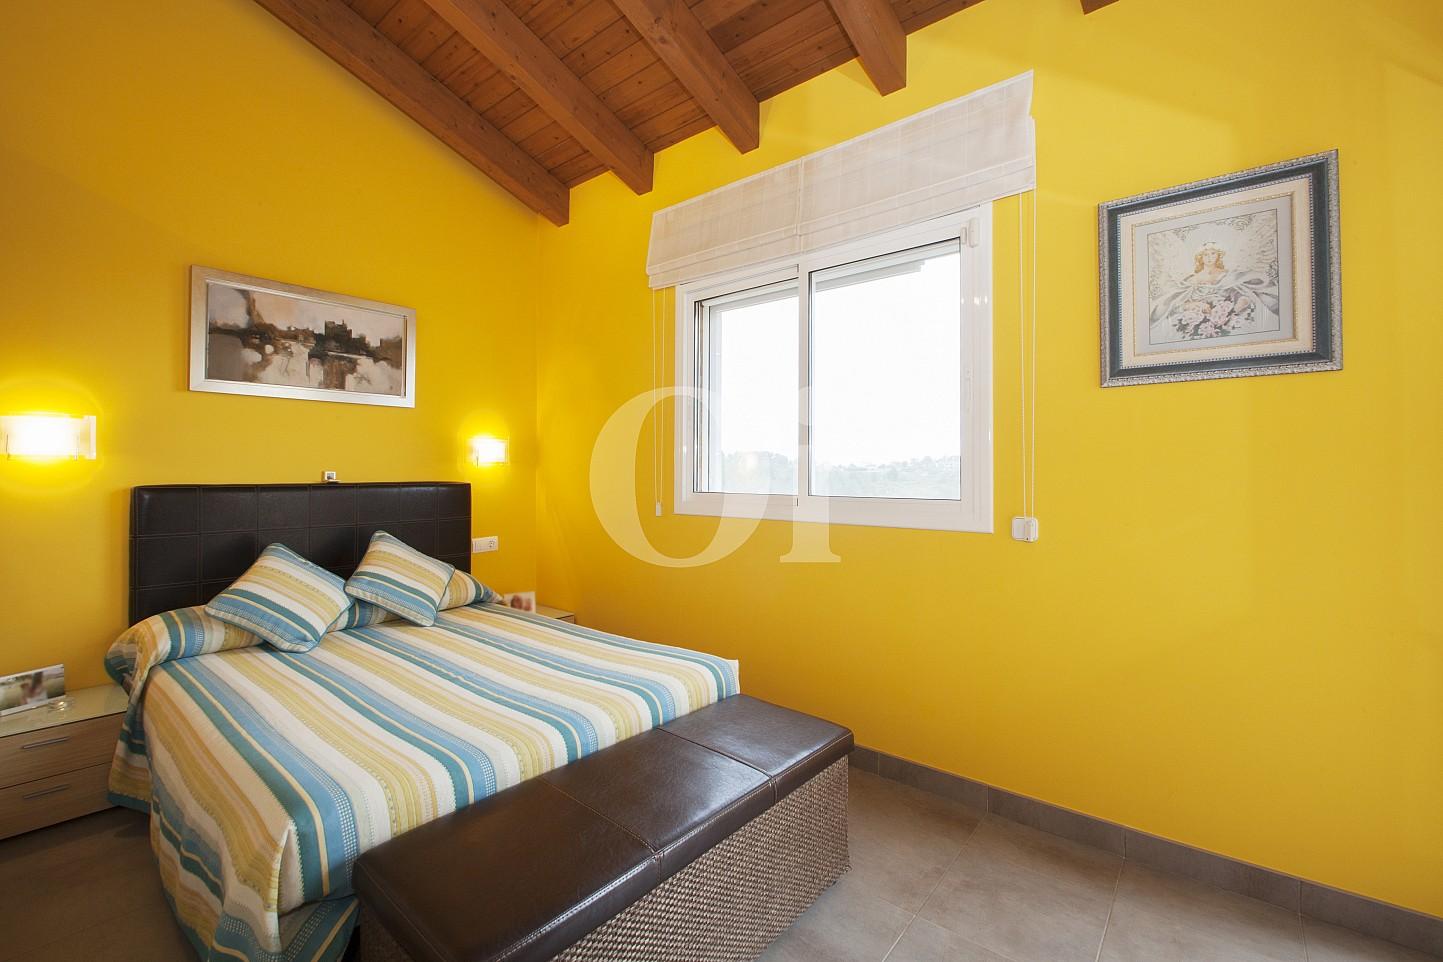 Blick in ein Schlafzimmer vom Haus zum Verkauf, Segur de Calafell